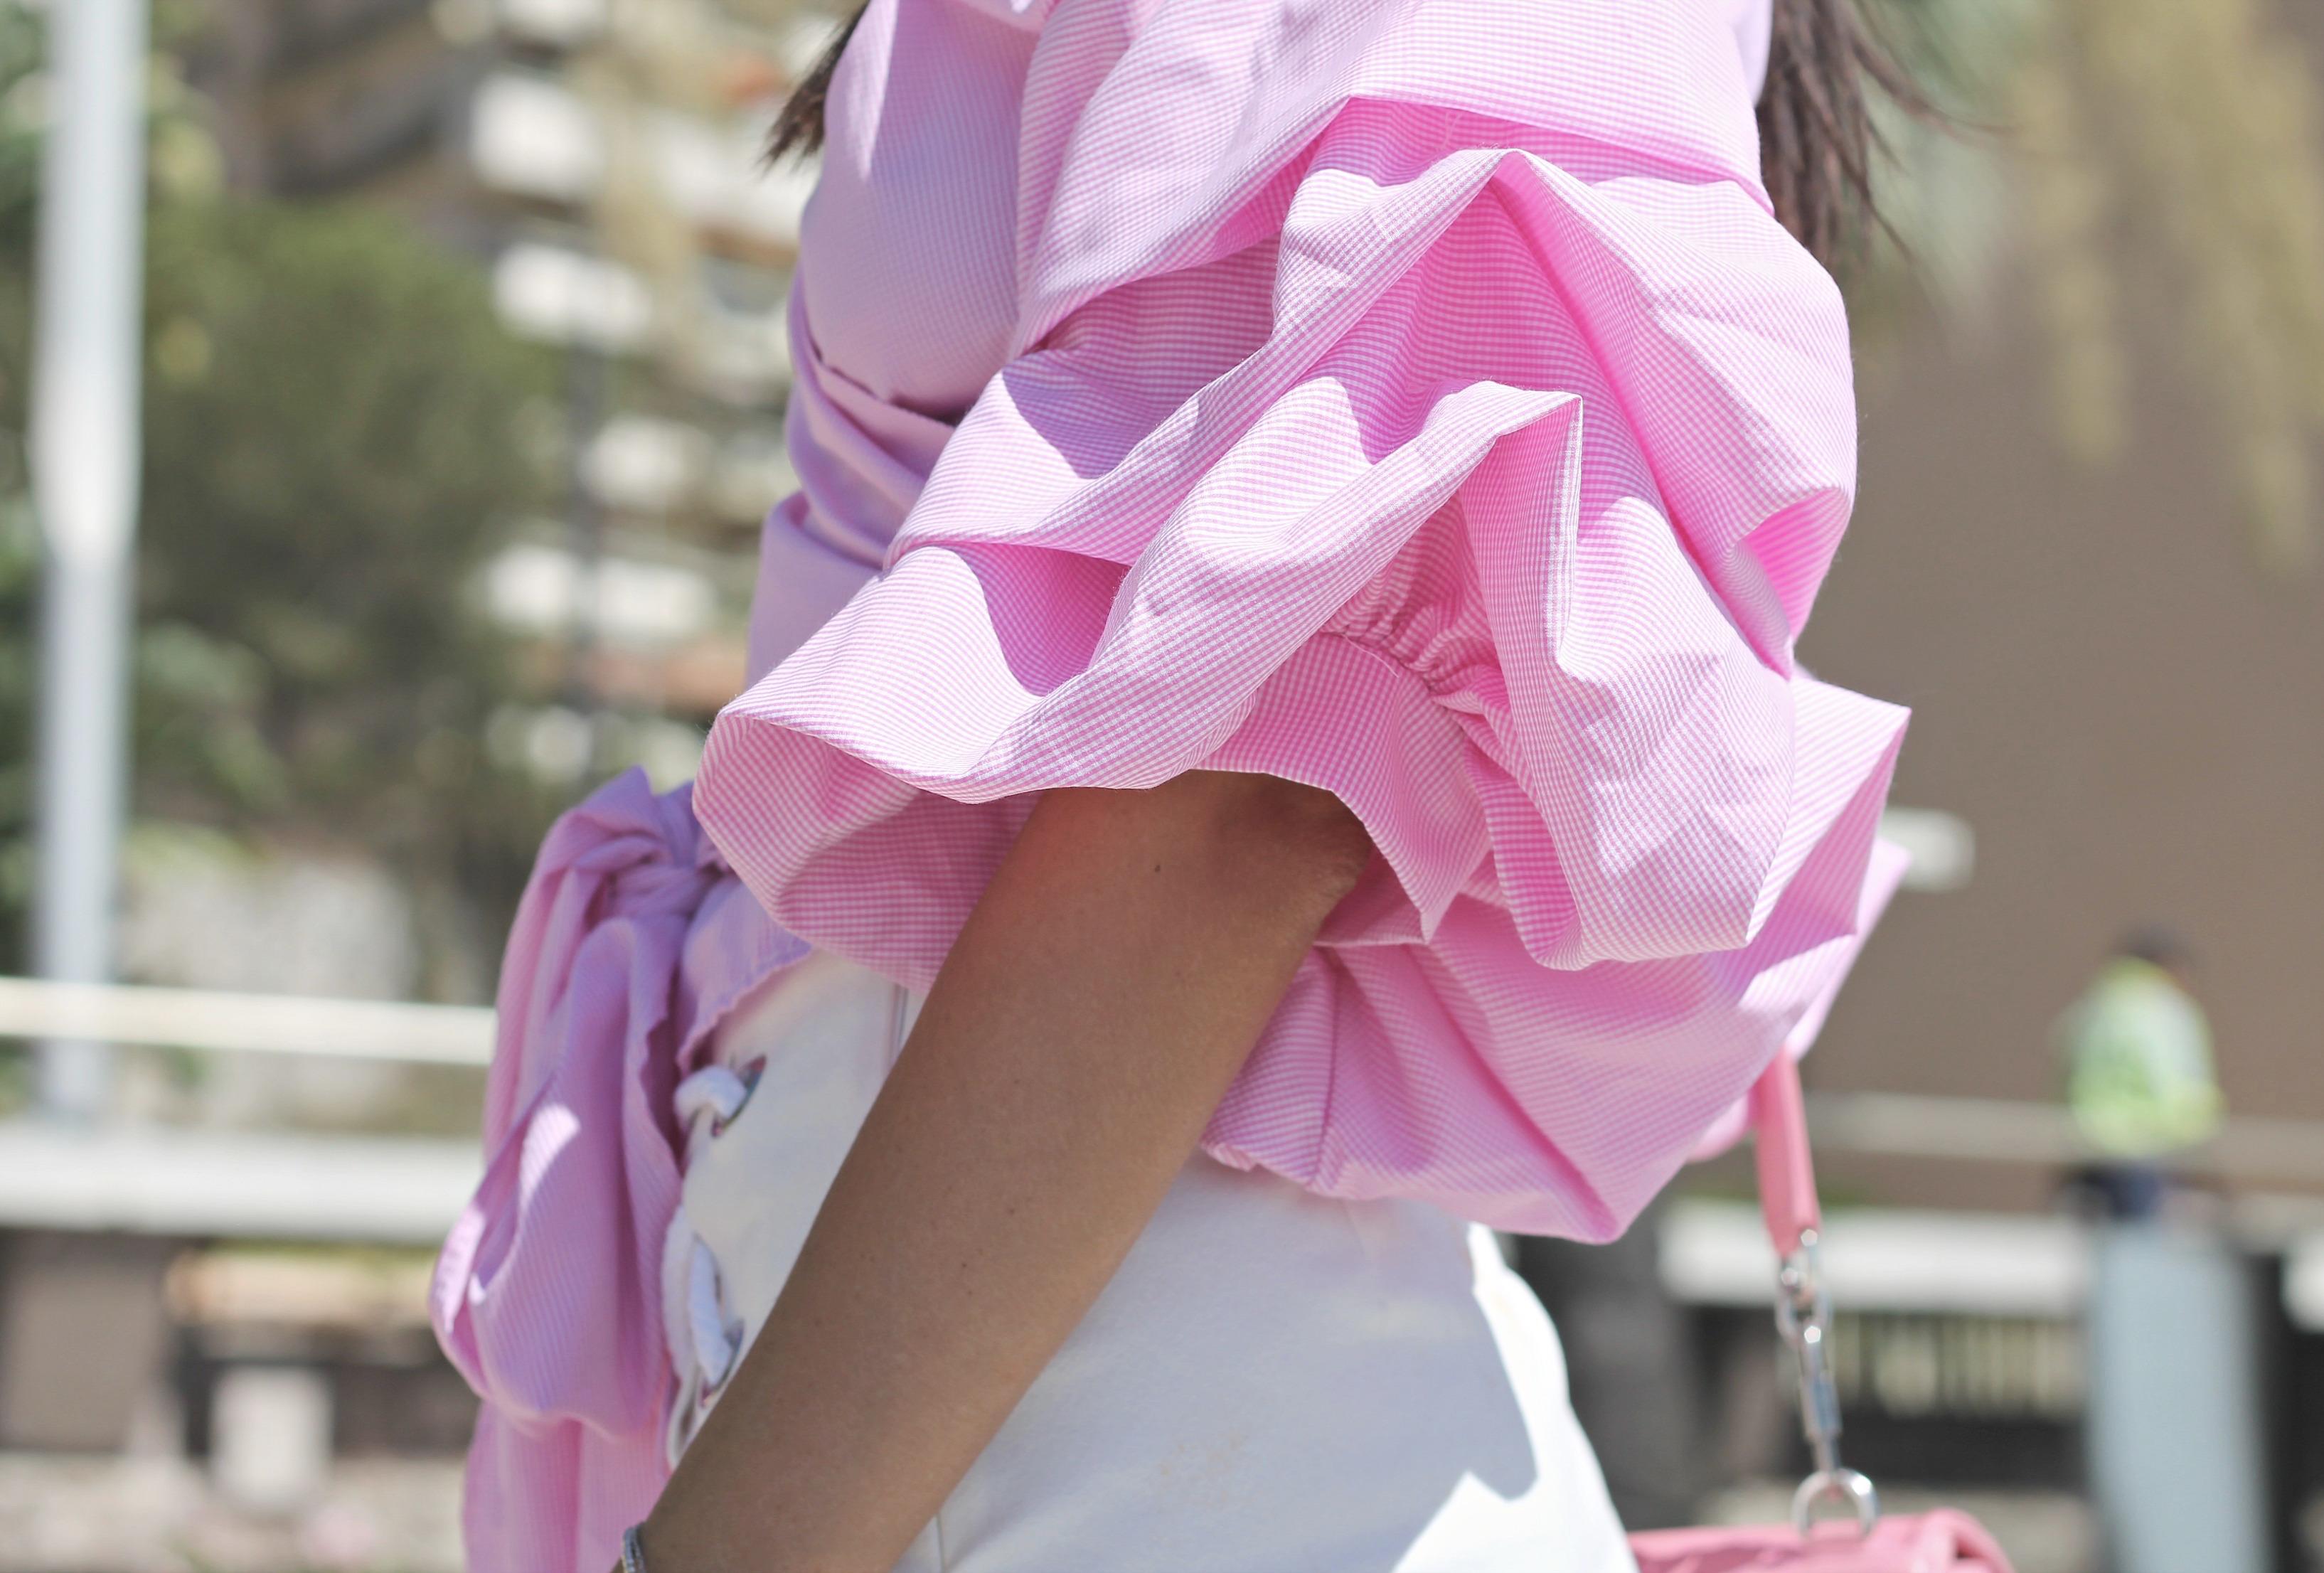 theladycracy.it. ricercare la felicità, ruffle skirt, ruffle style outfit, elisa bellino, fashion blog, fashion blogger italiane, fashion blog 2016, fashion blogger italy, fashion blogger milano, fashion blogger famose 2016, fashion blog moda italia, fashion editorial blogger, style trend 2016, camicia rosa volant, storets skirt, storets skirt, outfit blogger autunno 2016, come indossare il rosa, come si abbina il rosa, sporty chic look 2016, cosa mi metto estate 2016, cosa mi metto settembre 2016, chanel bag pink, skateboard girl, adidas superstar outfit,